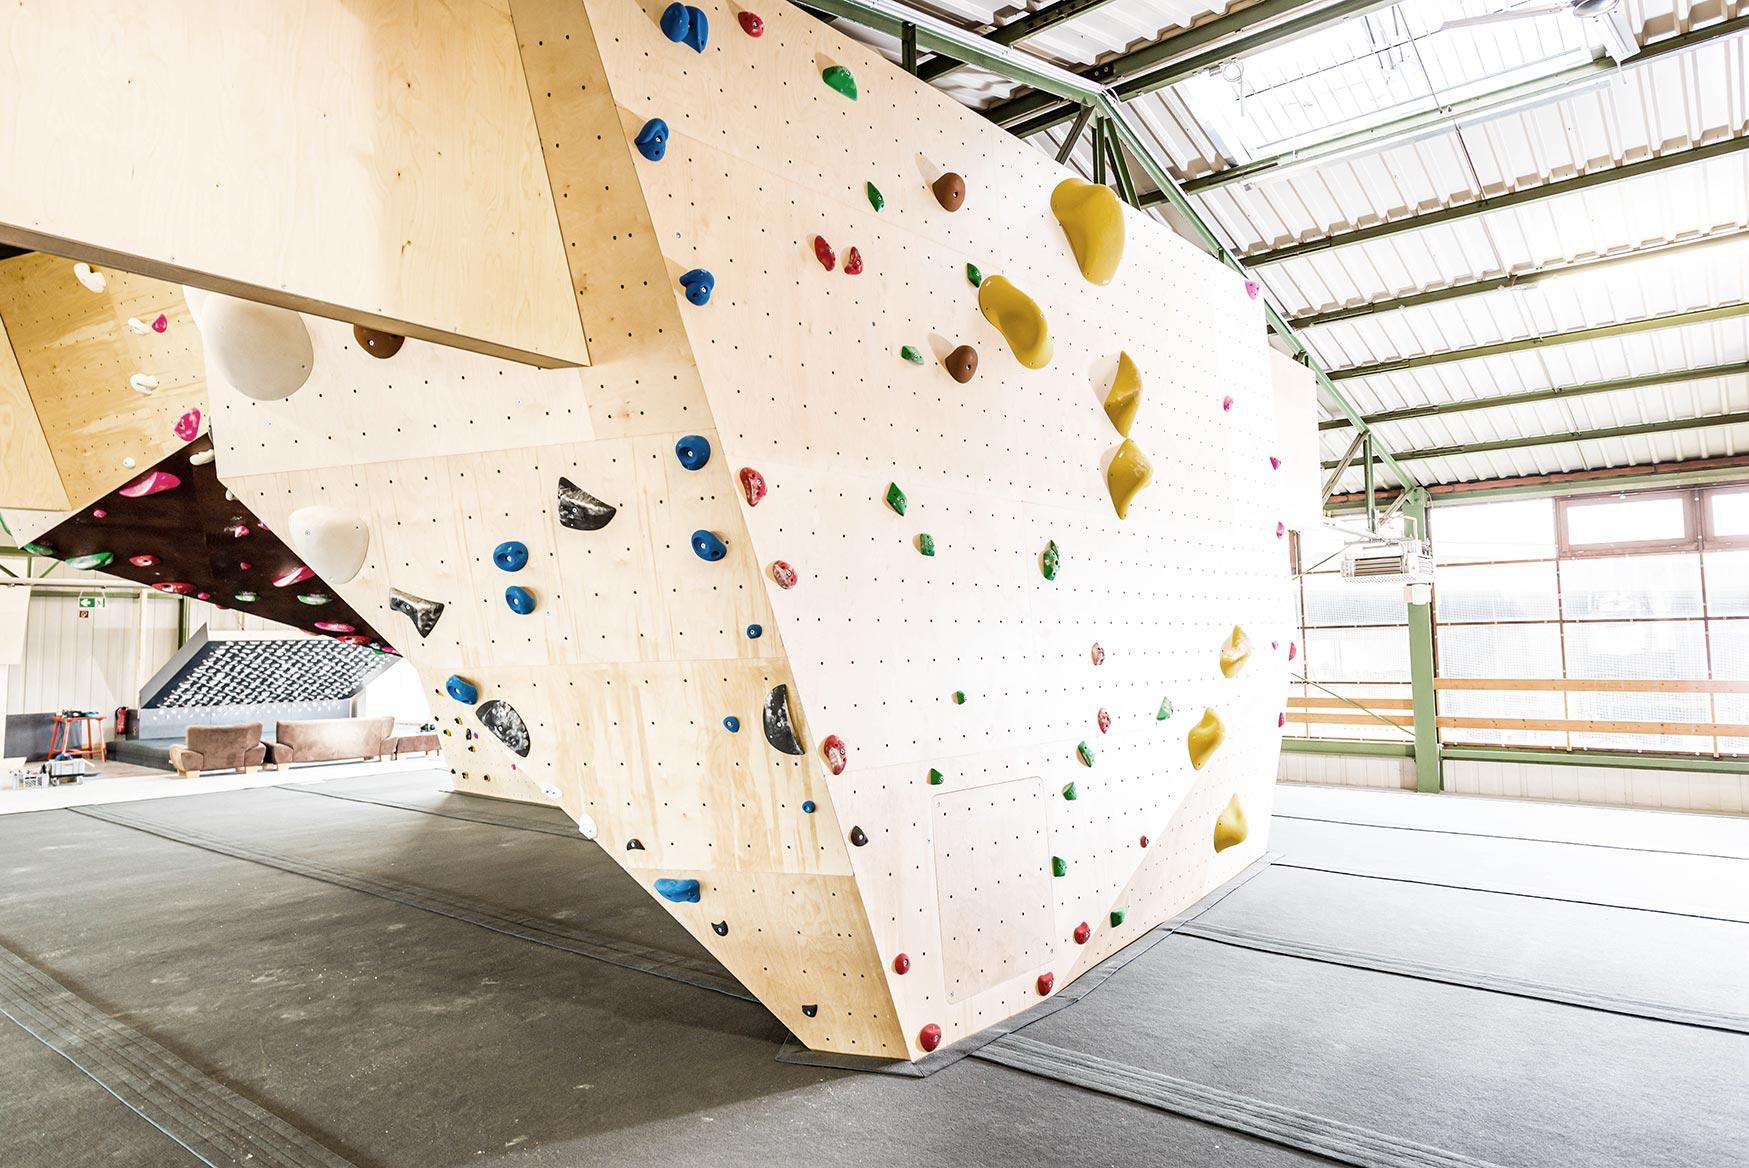 Boulderhalle Steil Bouldern in Karlsruhe